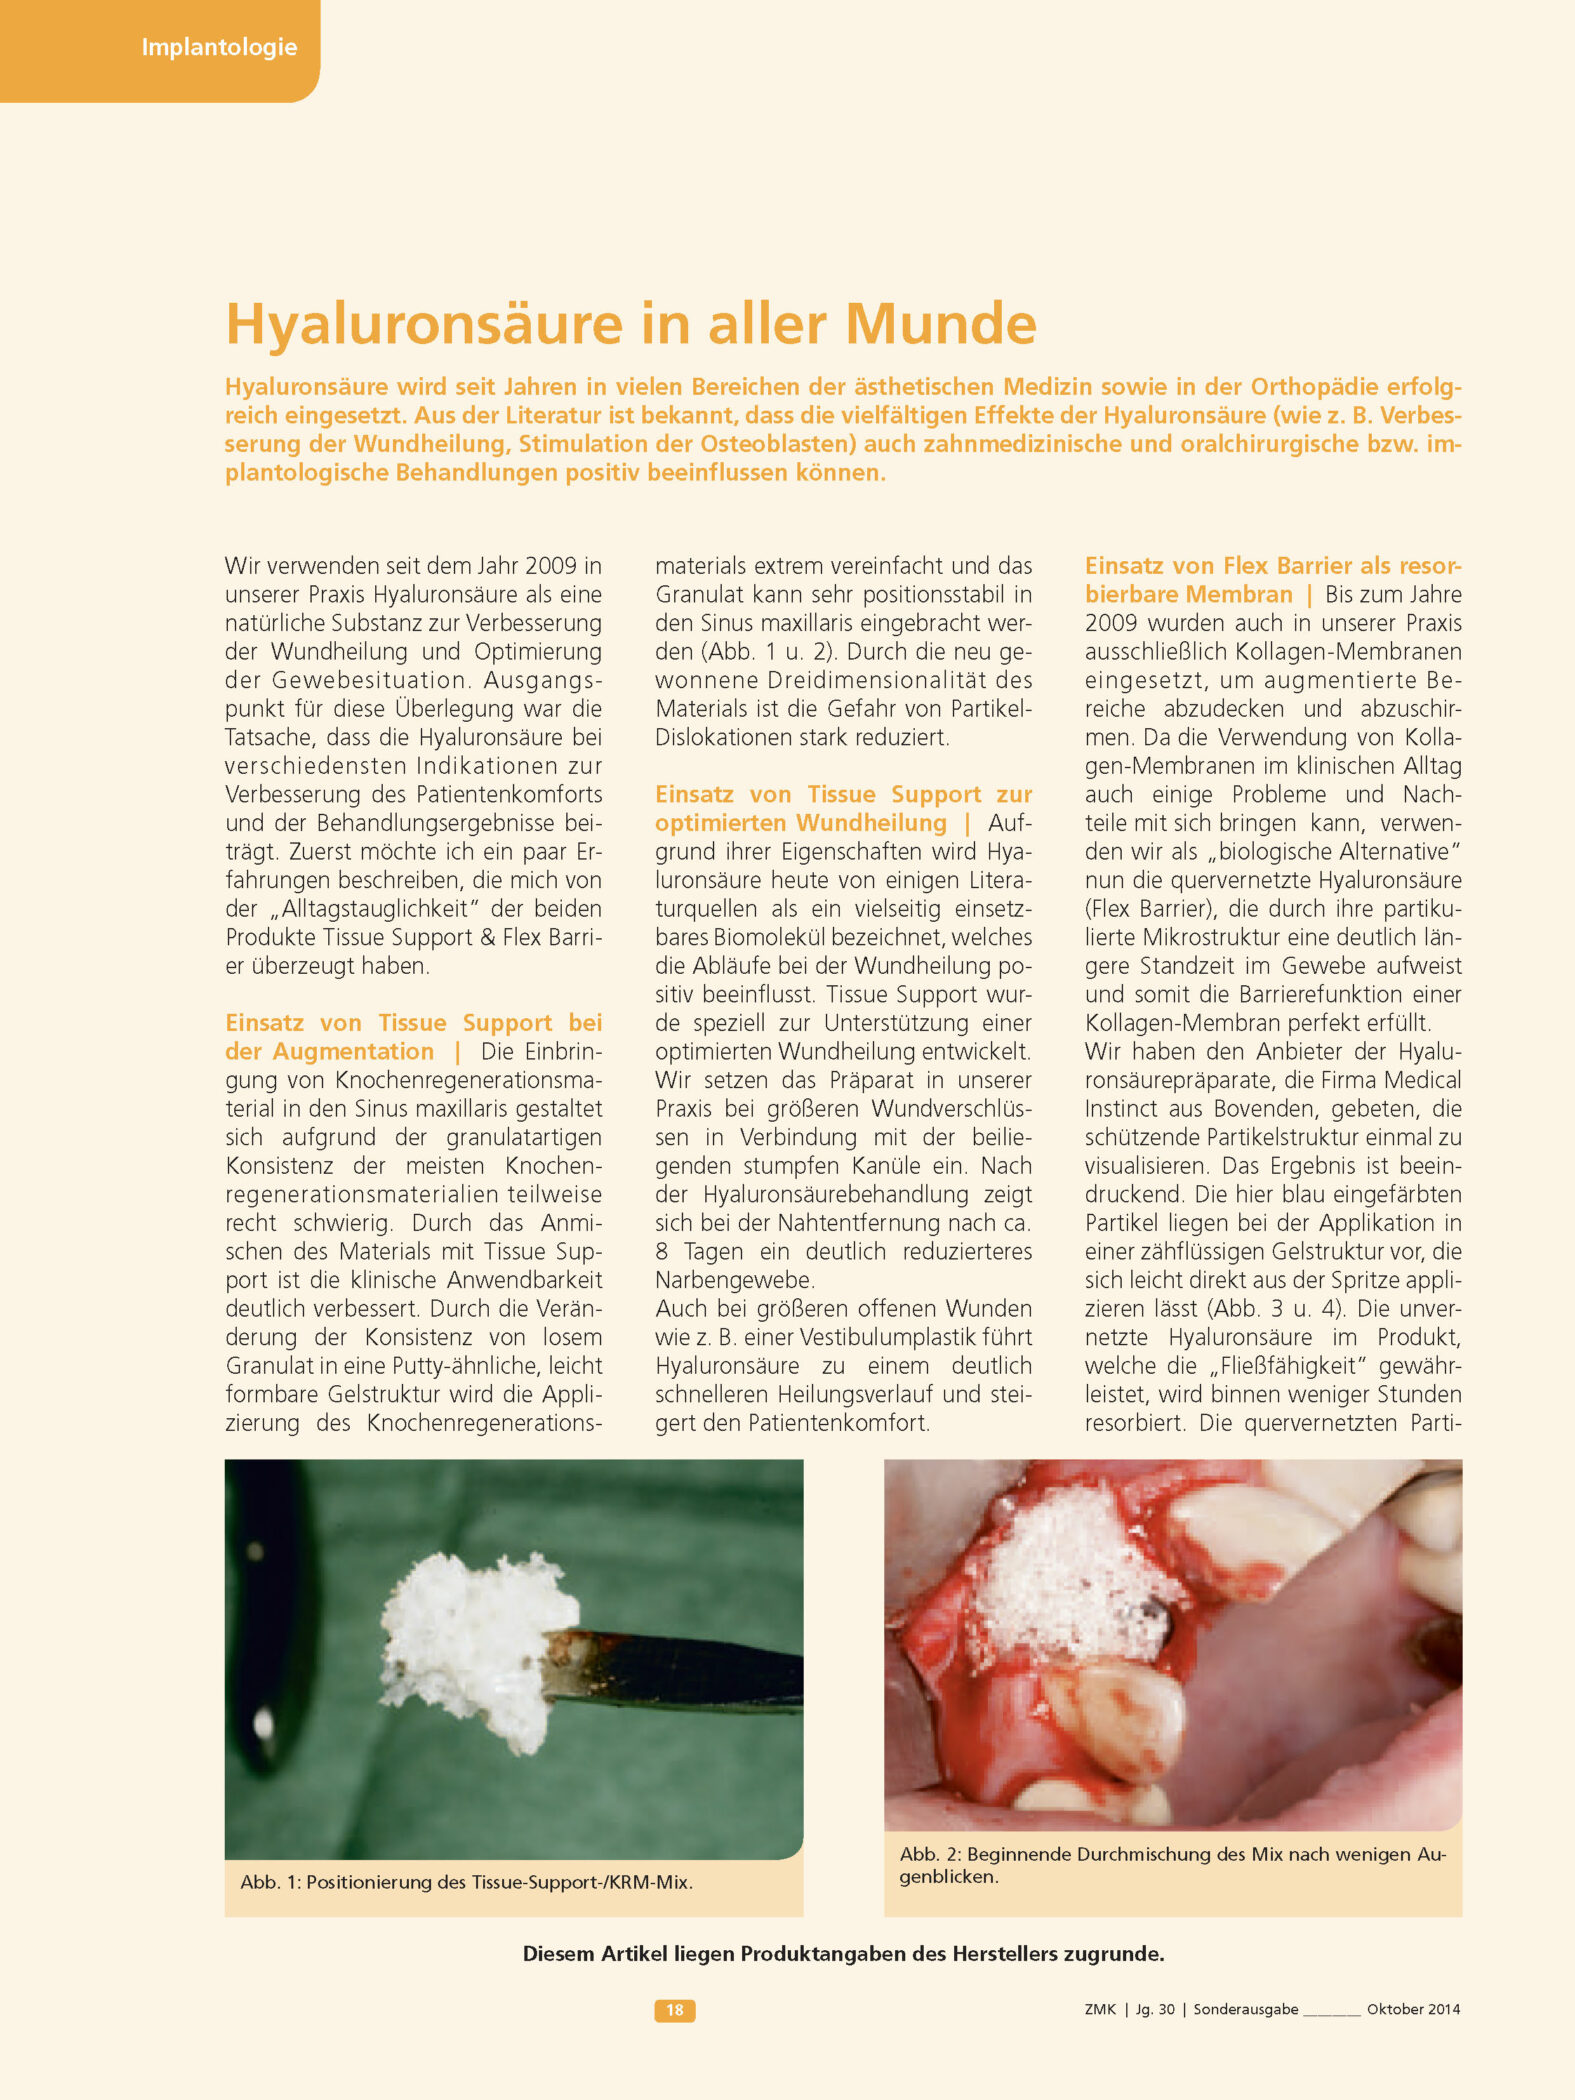 Hyaluronsaeure In Aller Munde